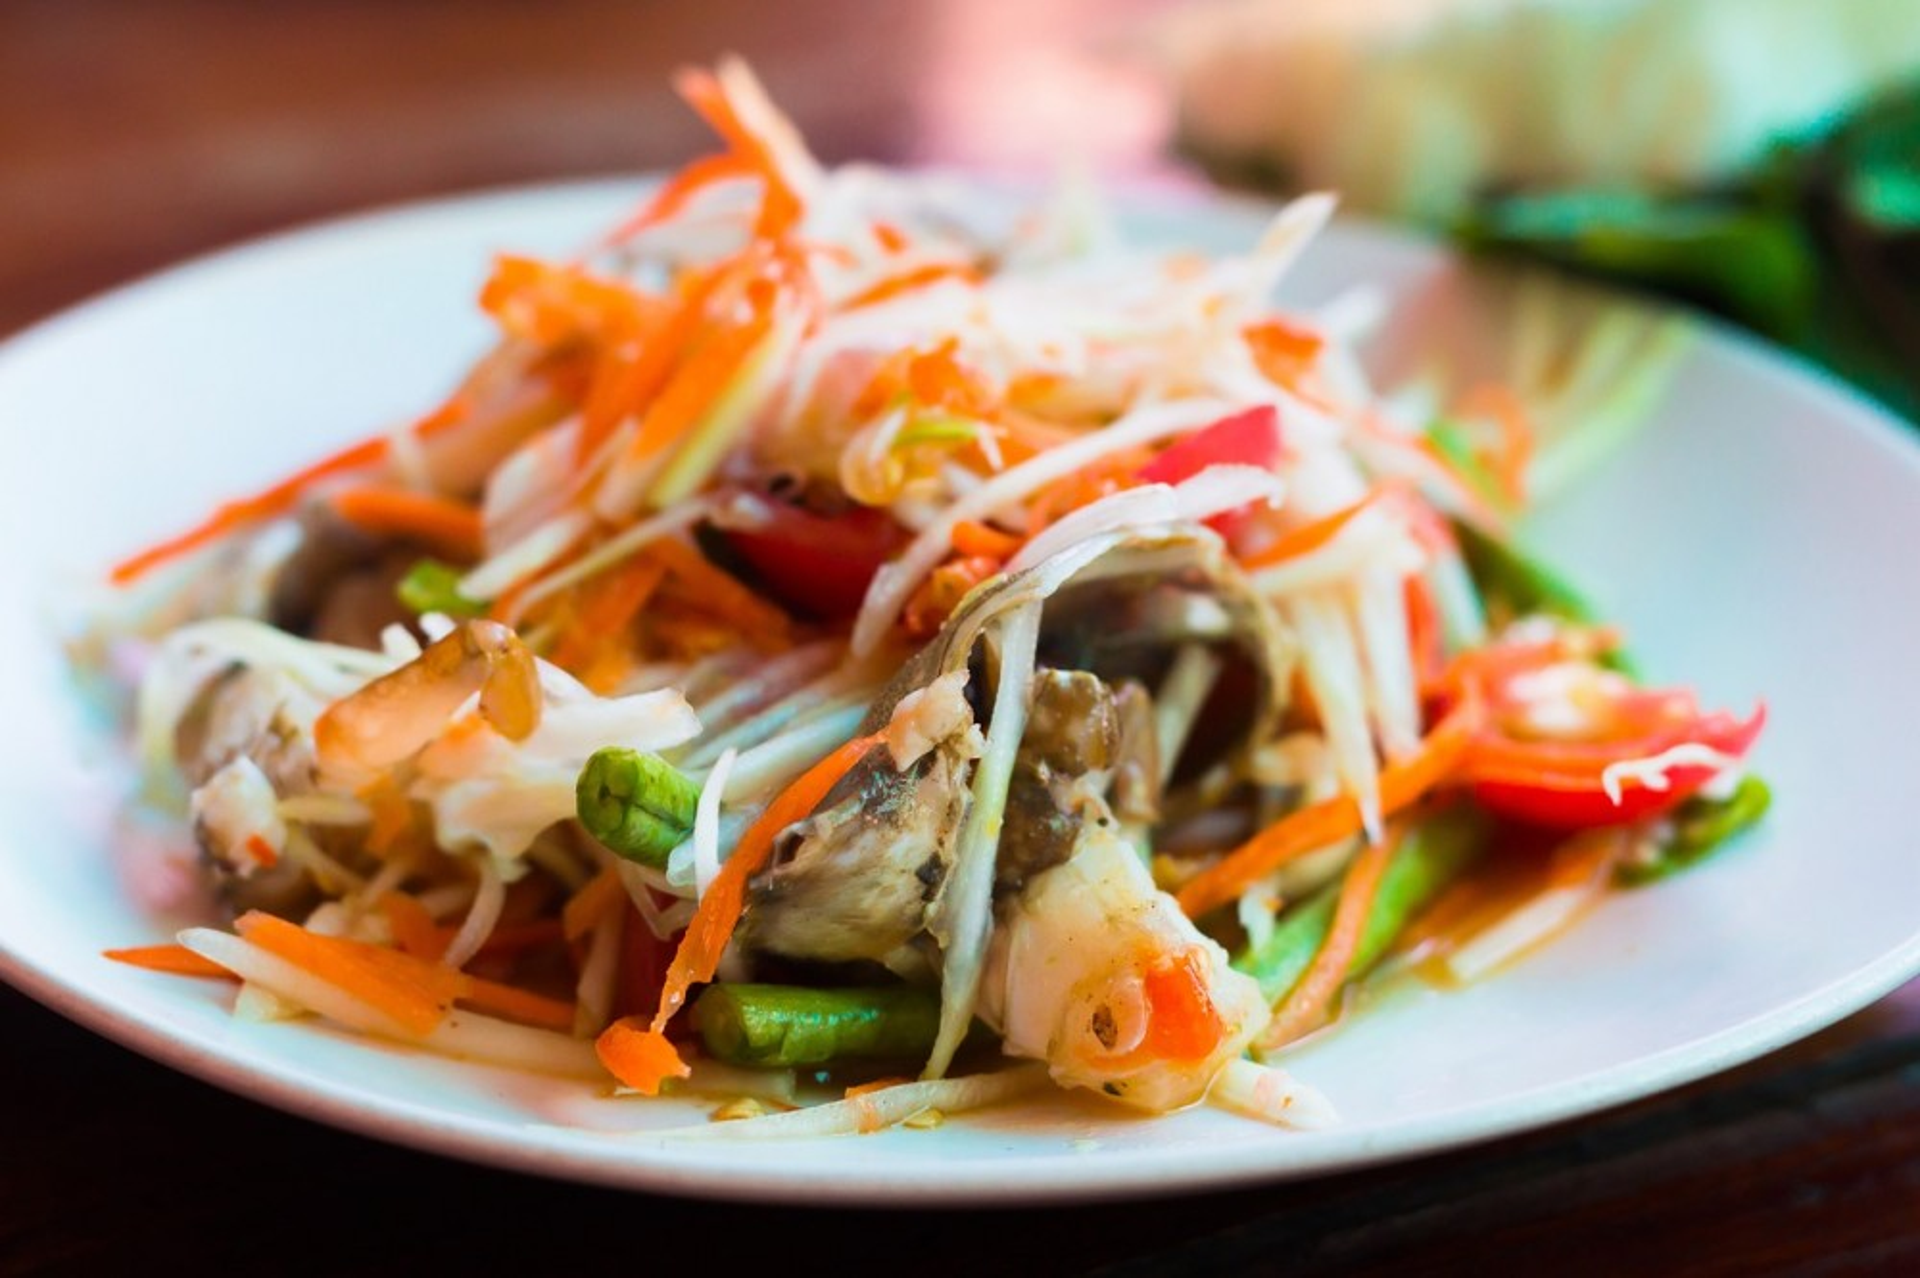 Restaurant China Fast Good mit traditionellen asiatischen Essen in Zürüch.